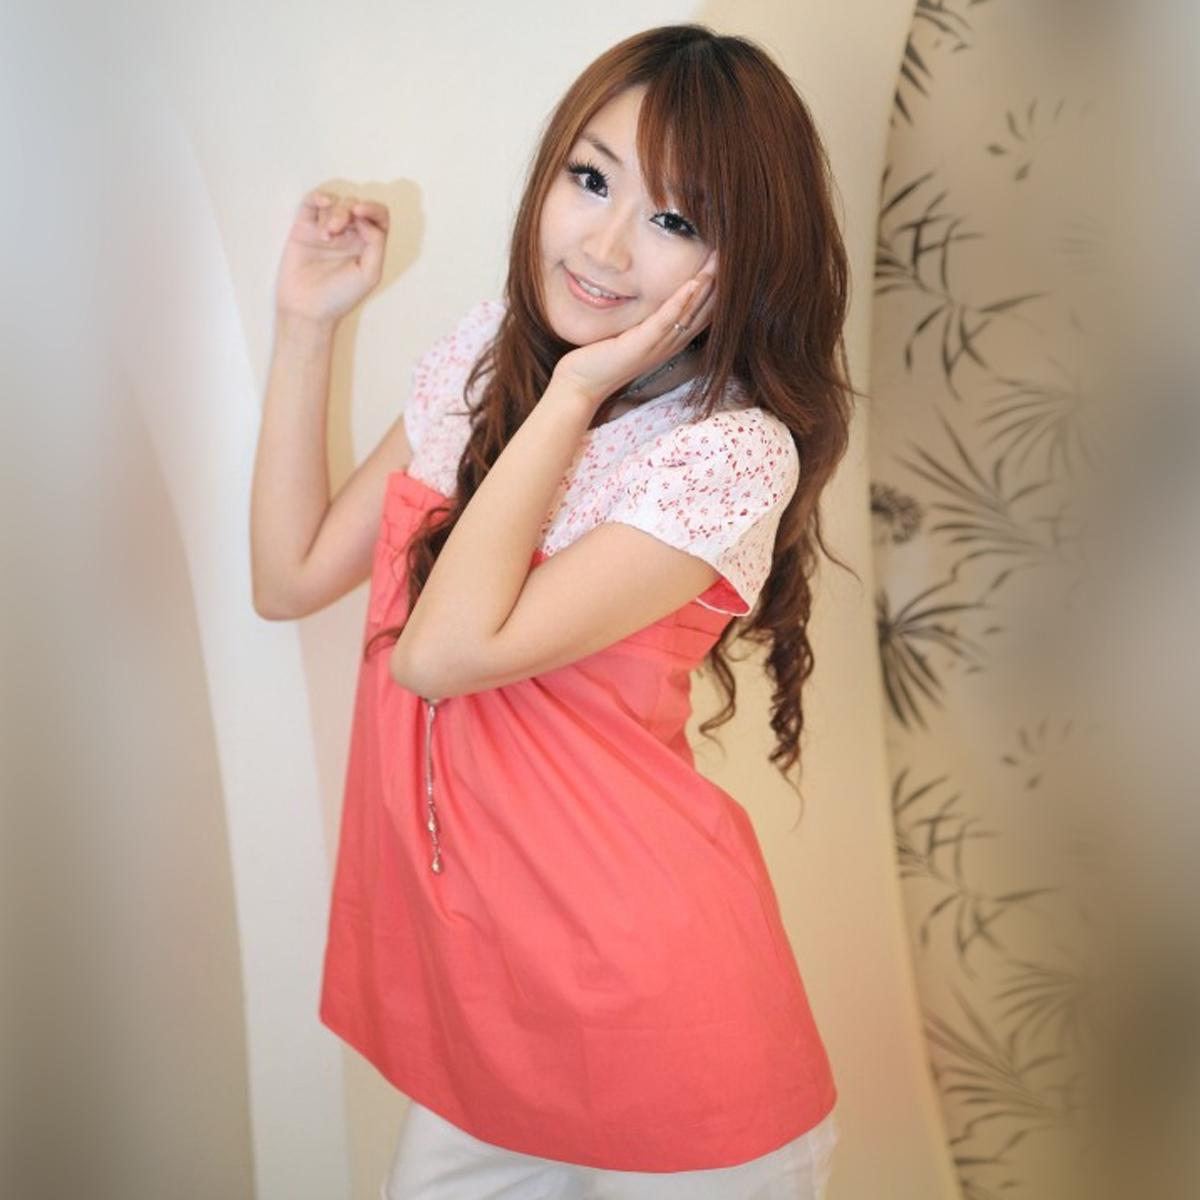 женская рубашка OSA sc90501 O.SA